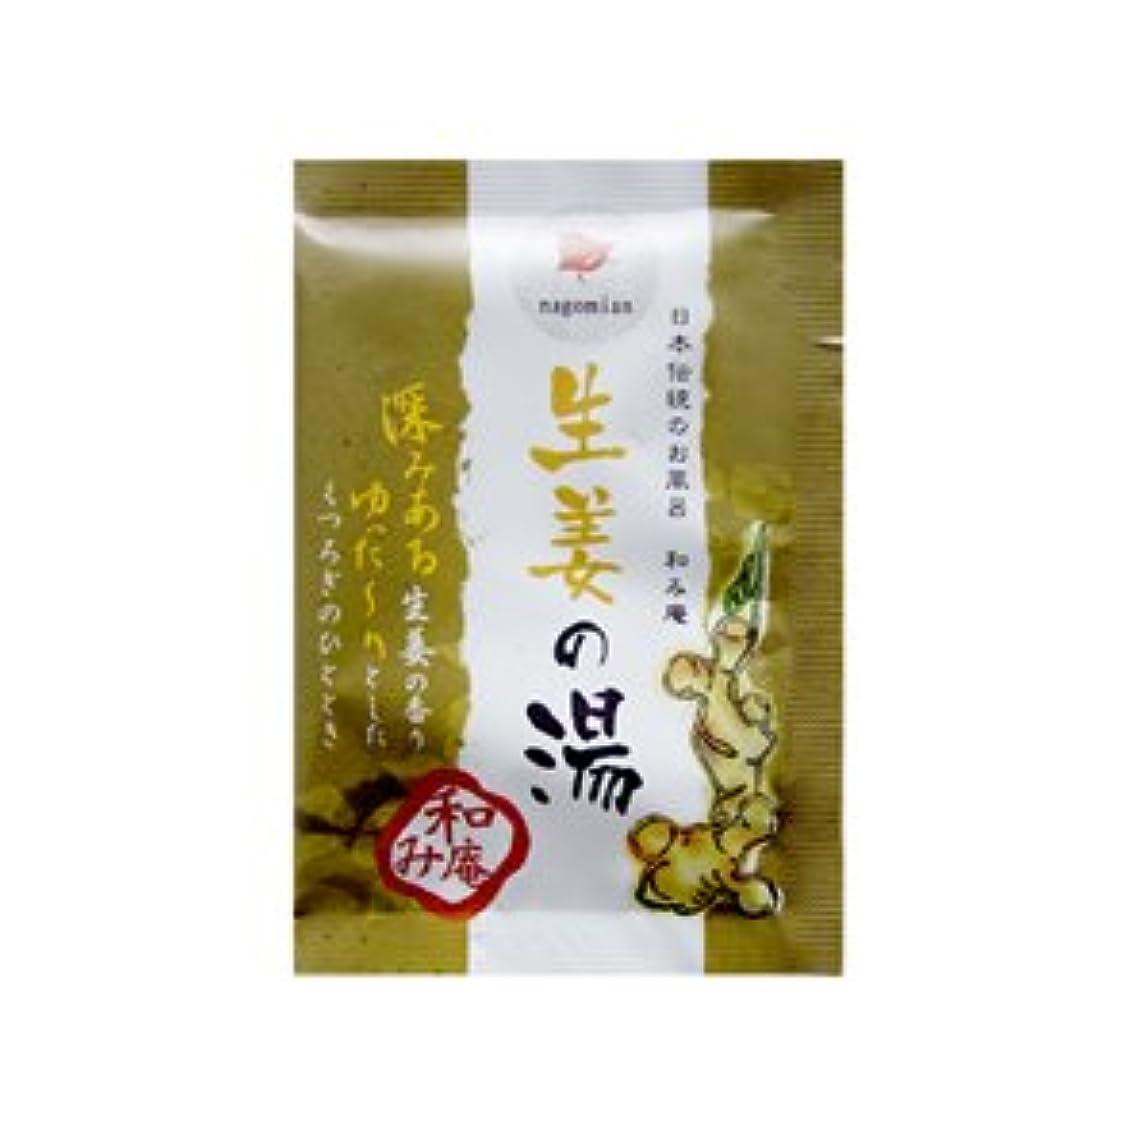 吸収する油災難日本伝統のお風呂 和み庵 生姜の湯 25g 5個セット